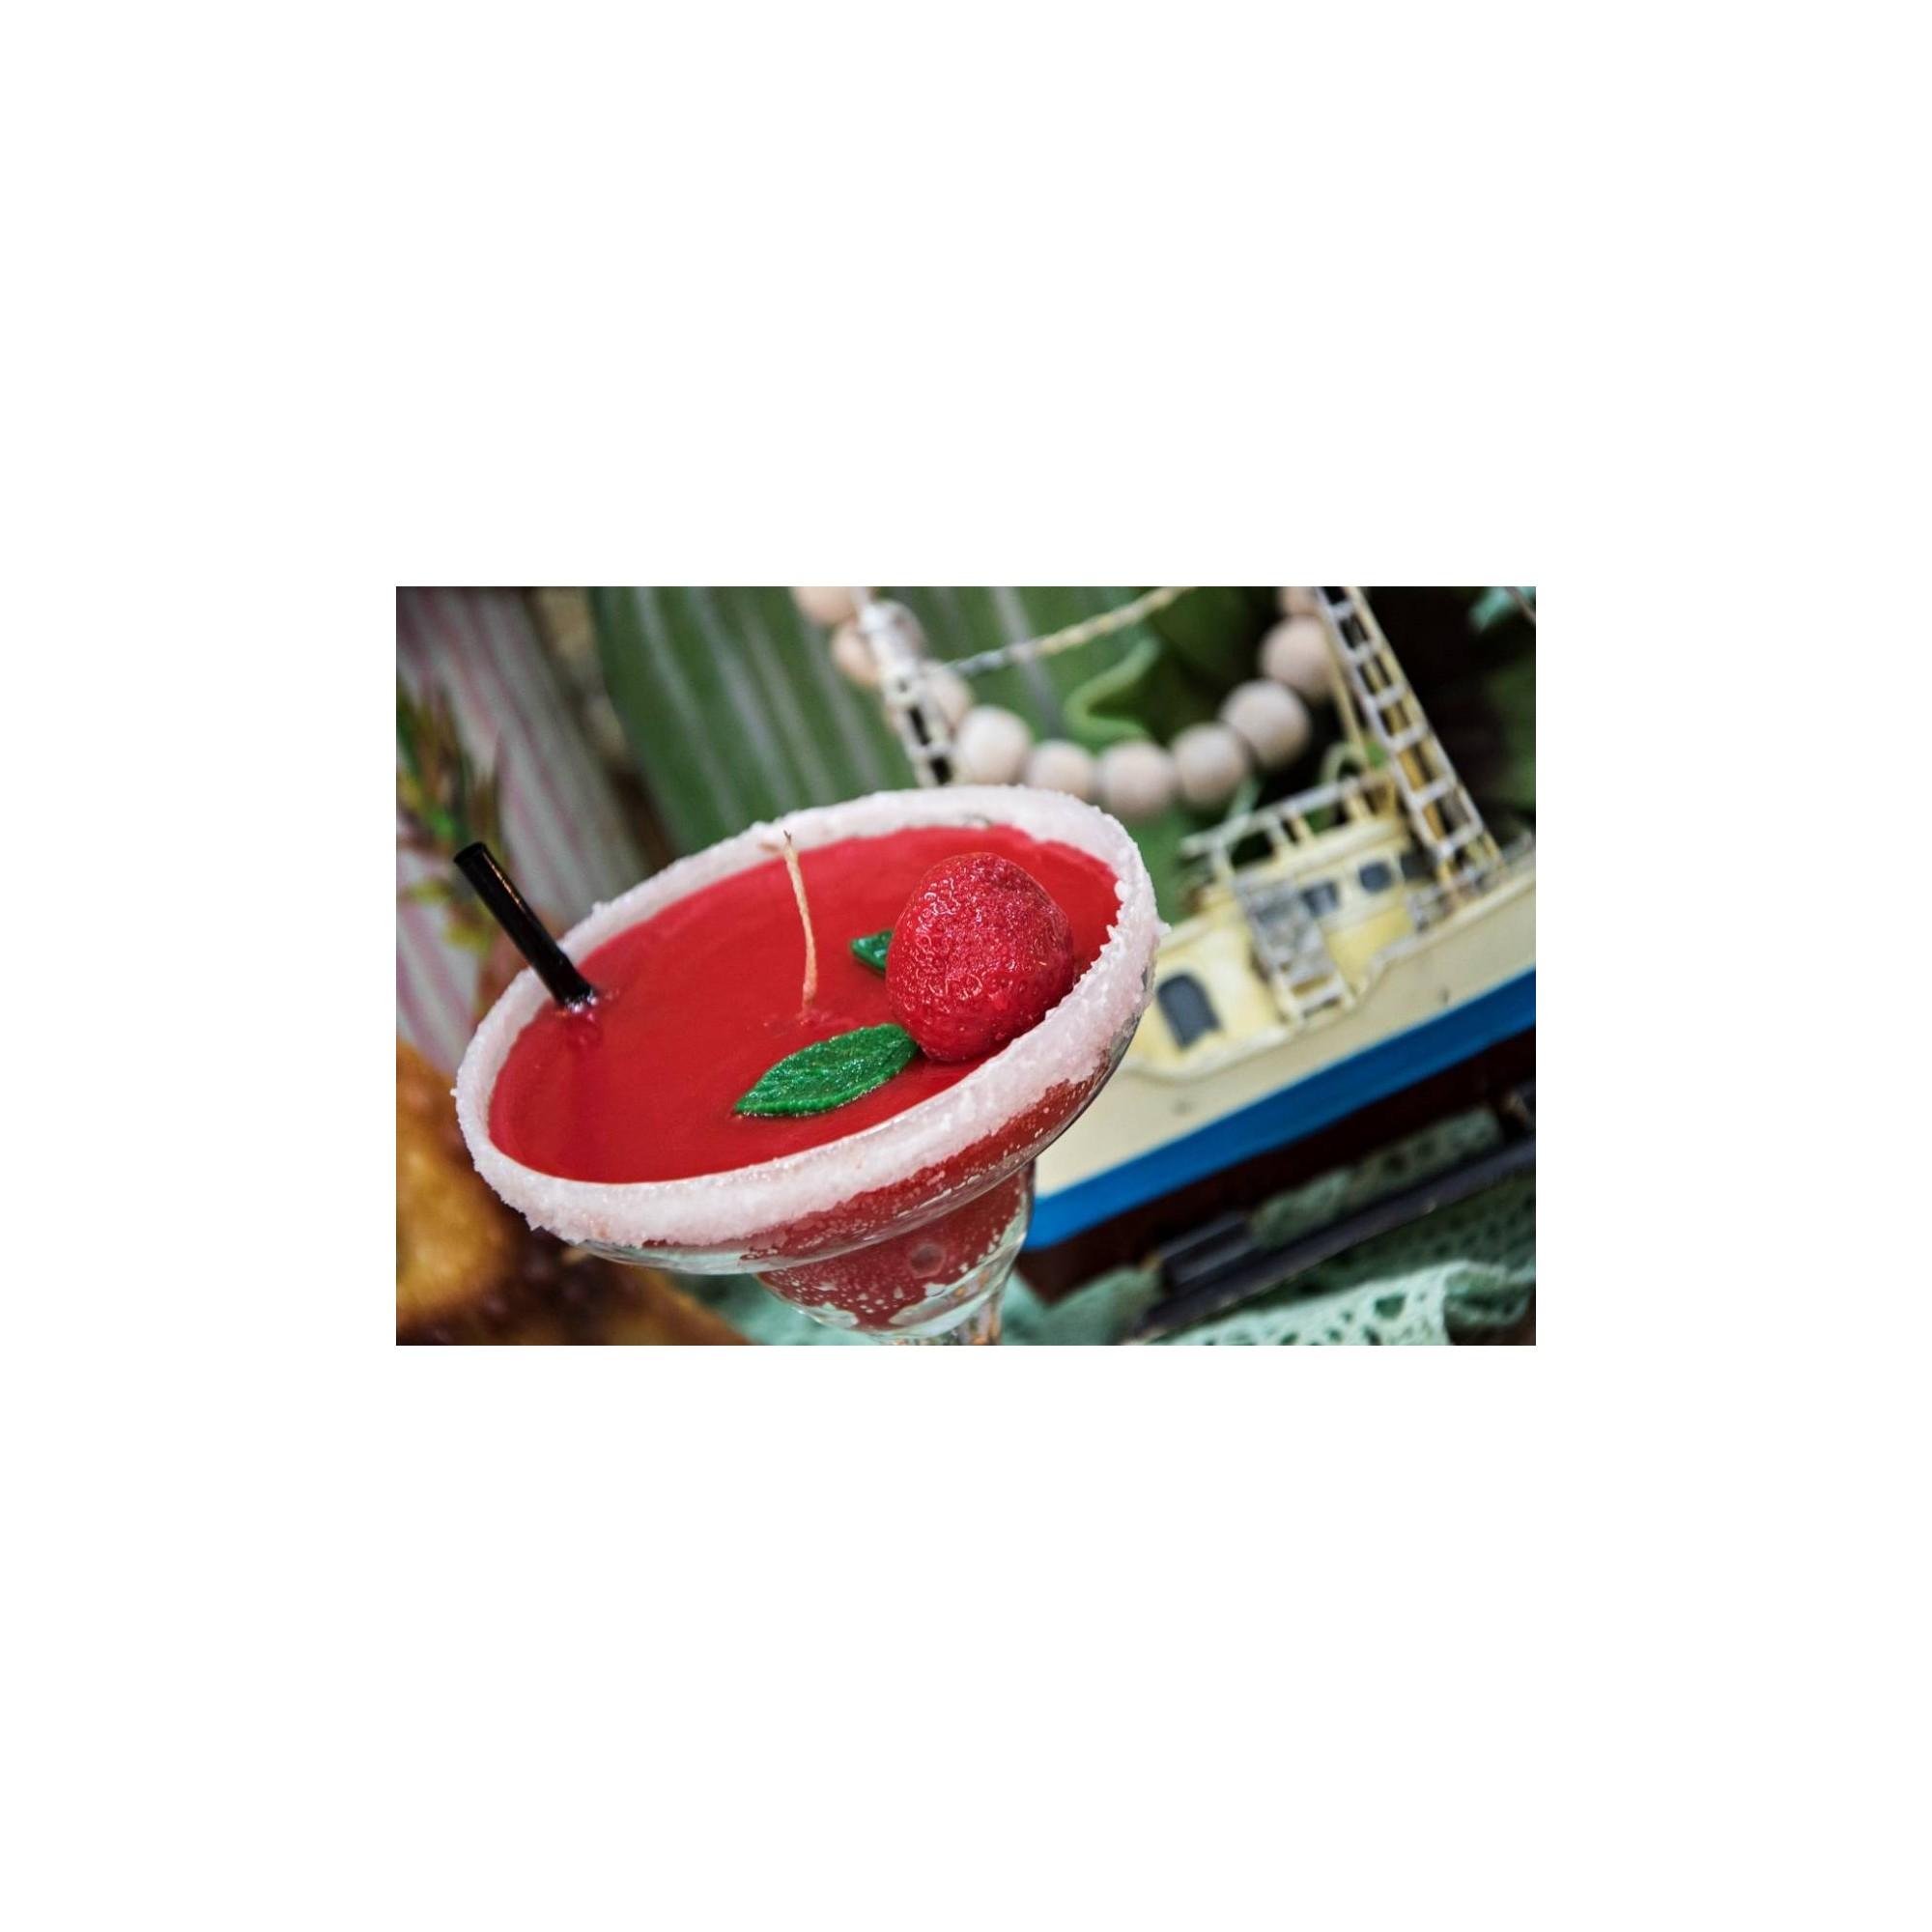 Λαμπάδα ποτήρι κοκτέιλ μαργαρίτα - G1026